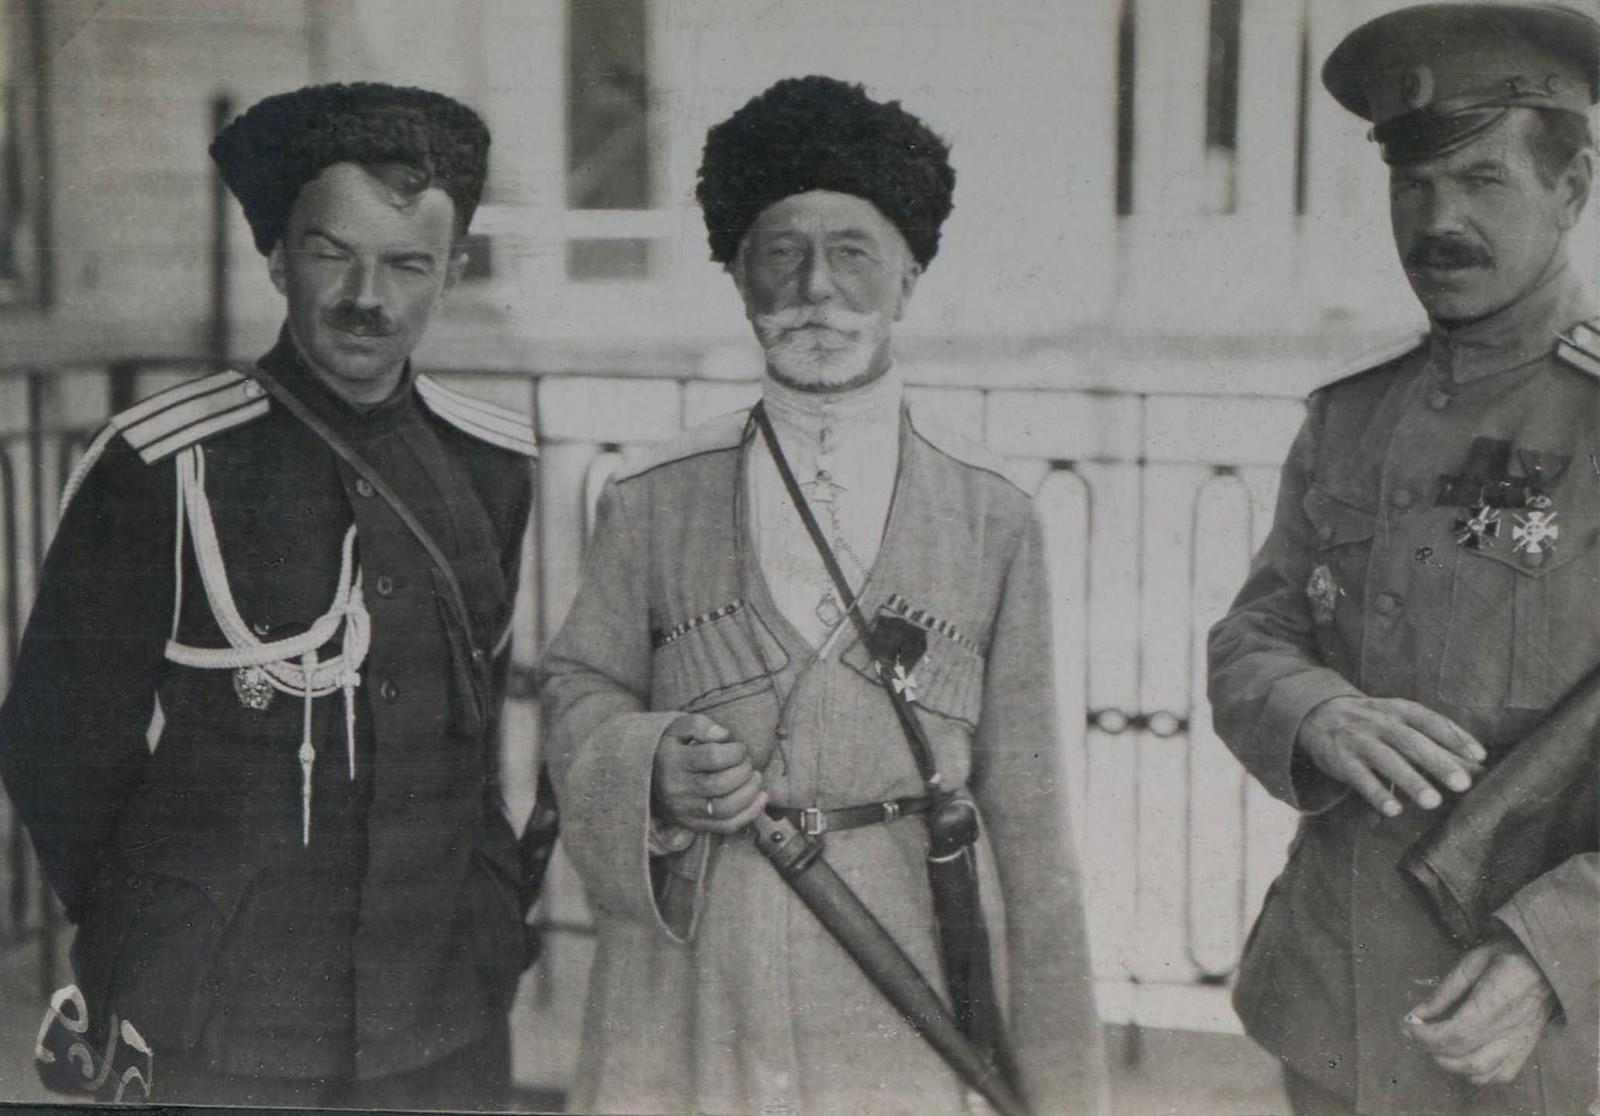 246. 1919. Екатеринослав. Генерал Ирманов в центре